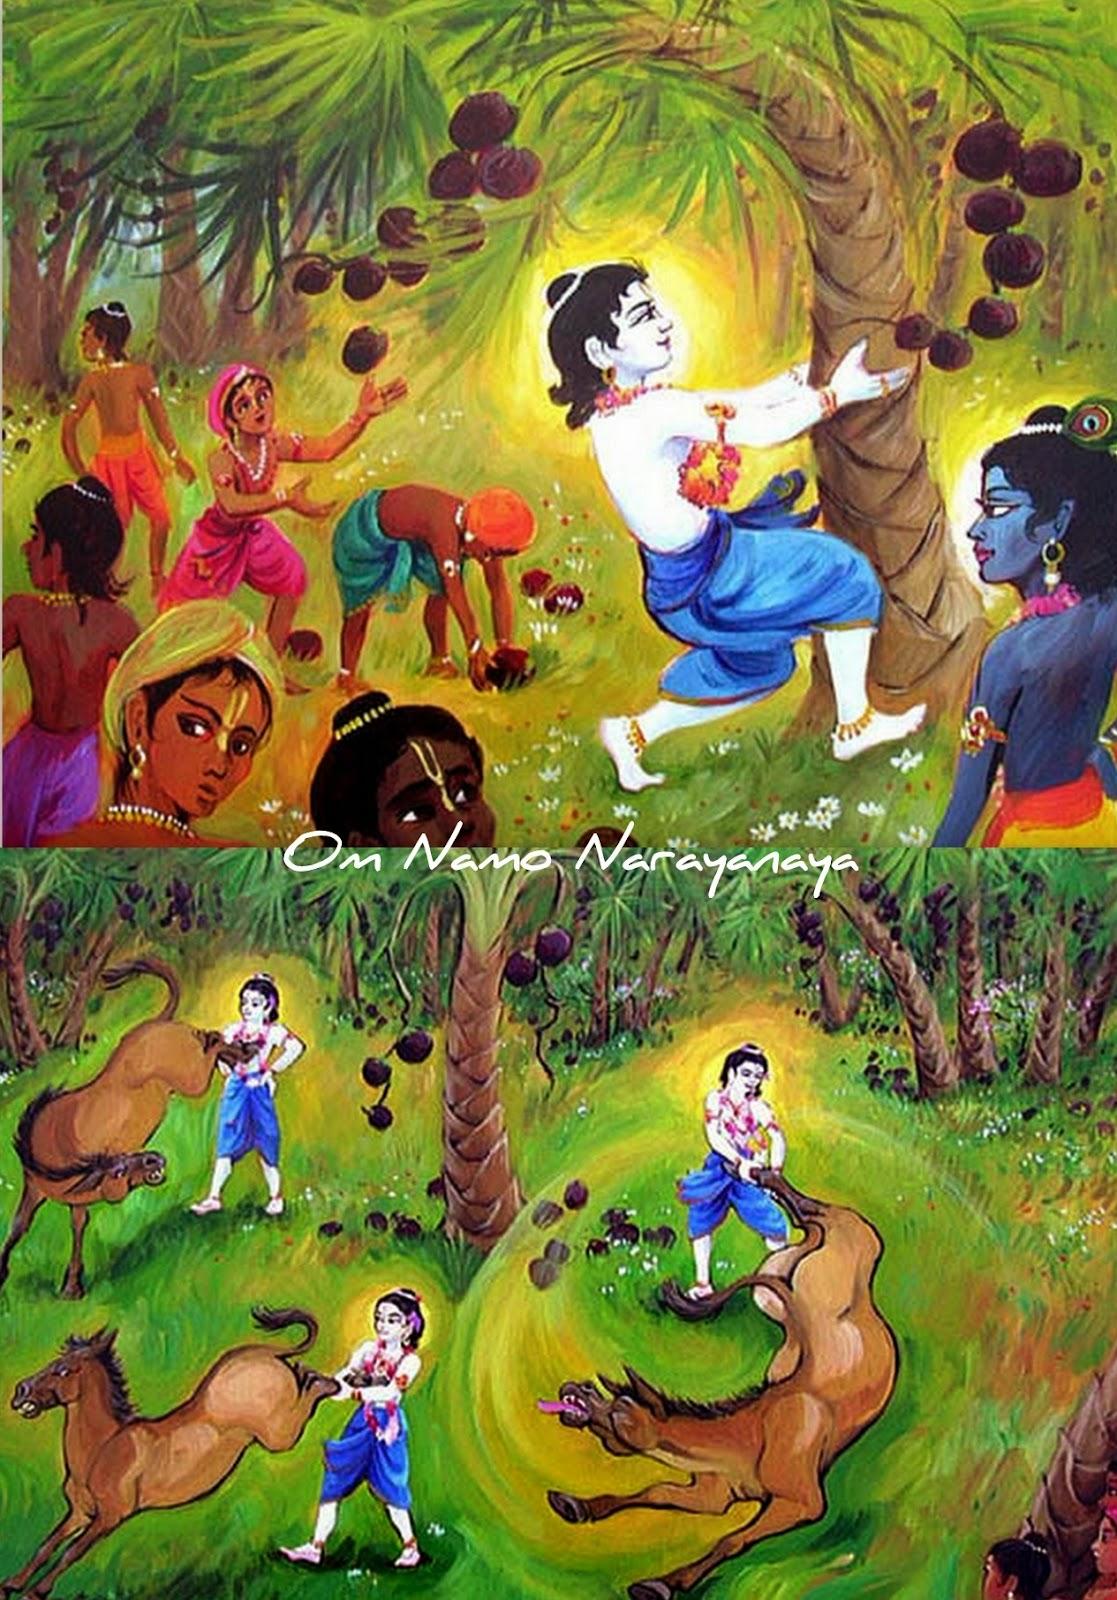 கண்ணன் கதைகள் (41) - தேனுகாசுர வதம்,கண்ணன் கதைகள், குருவாயூரப்பன் கதைகள்,